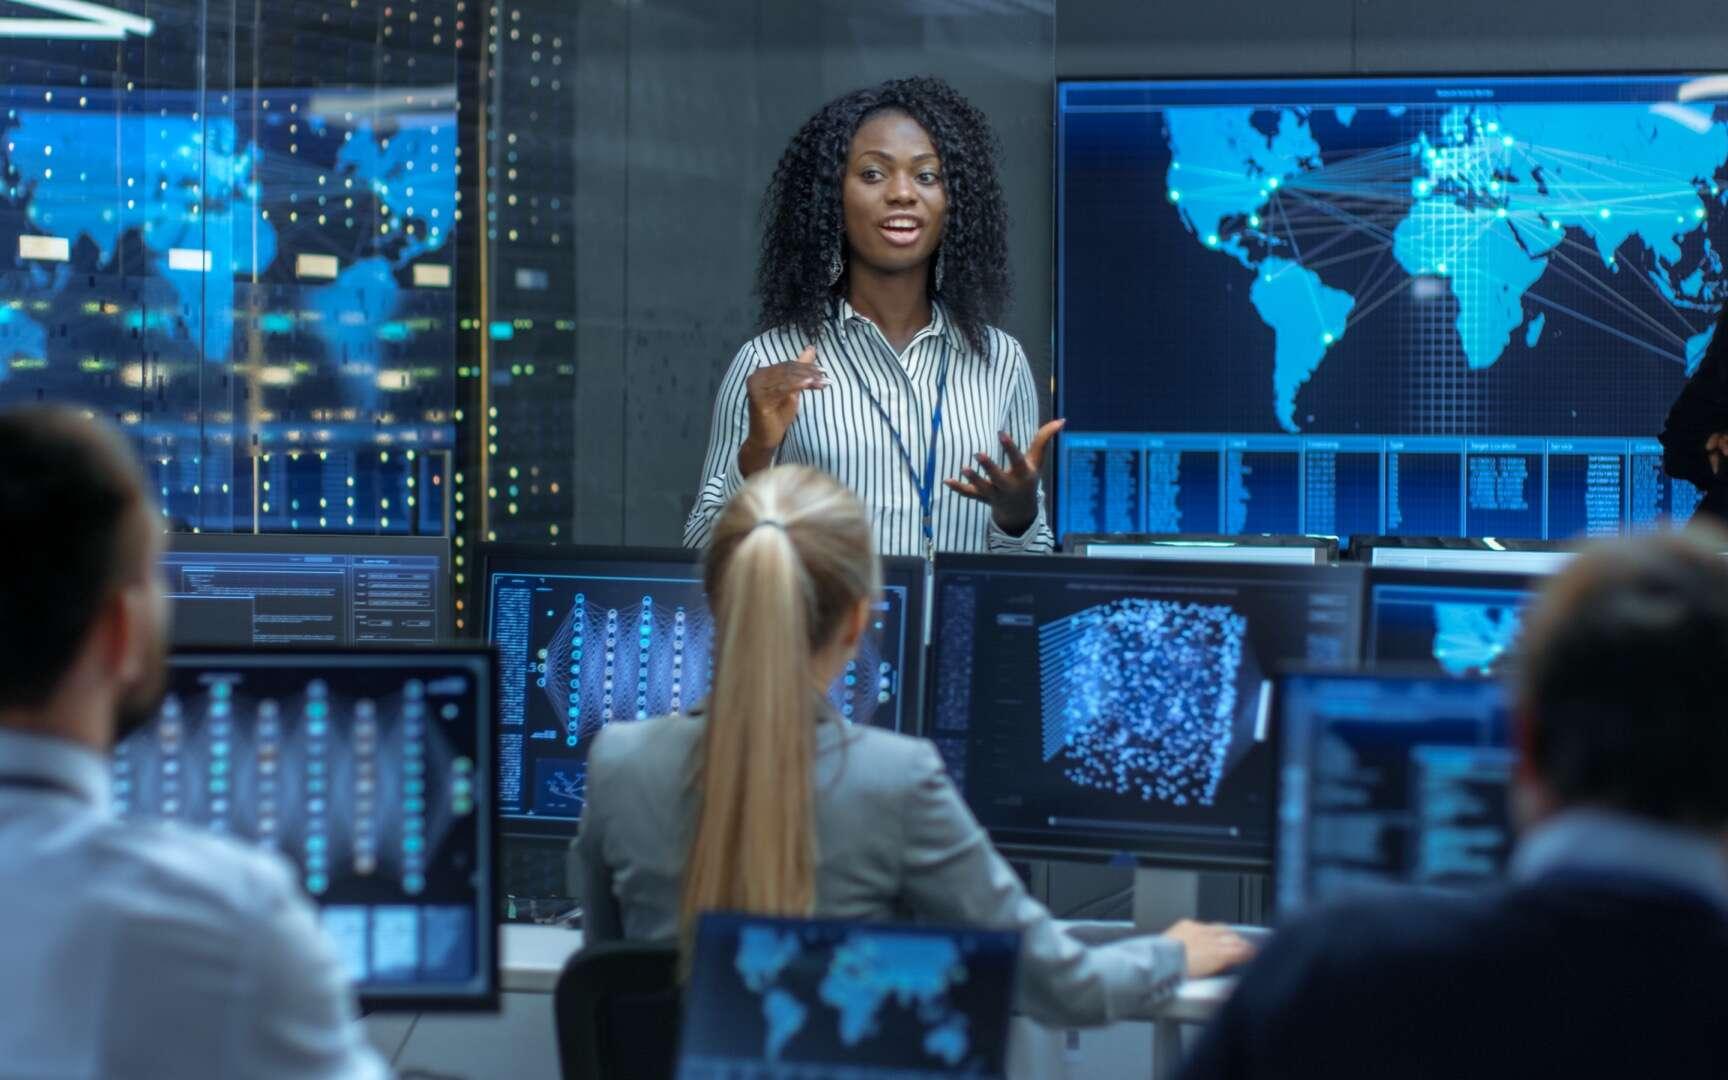 La cybersécurité est l'un des plus grands enjeux pour les entreprises comme pour les États car la cybercriminalité coûte des milliards d'euros chaque année. © Gorodenkoff, Adobe Stock